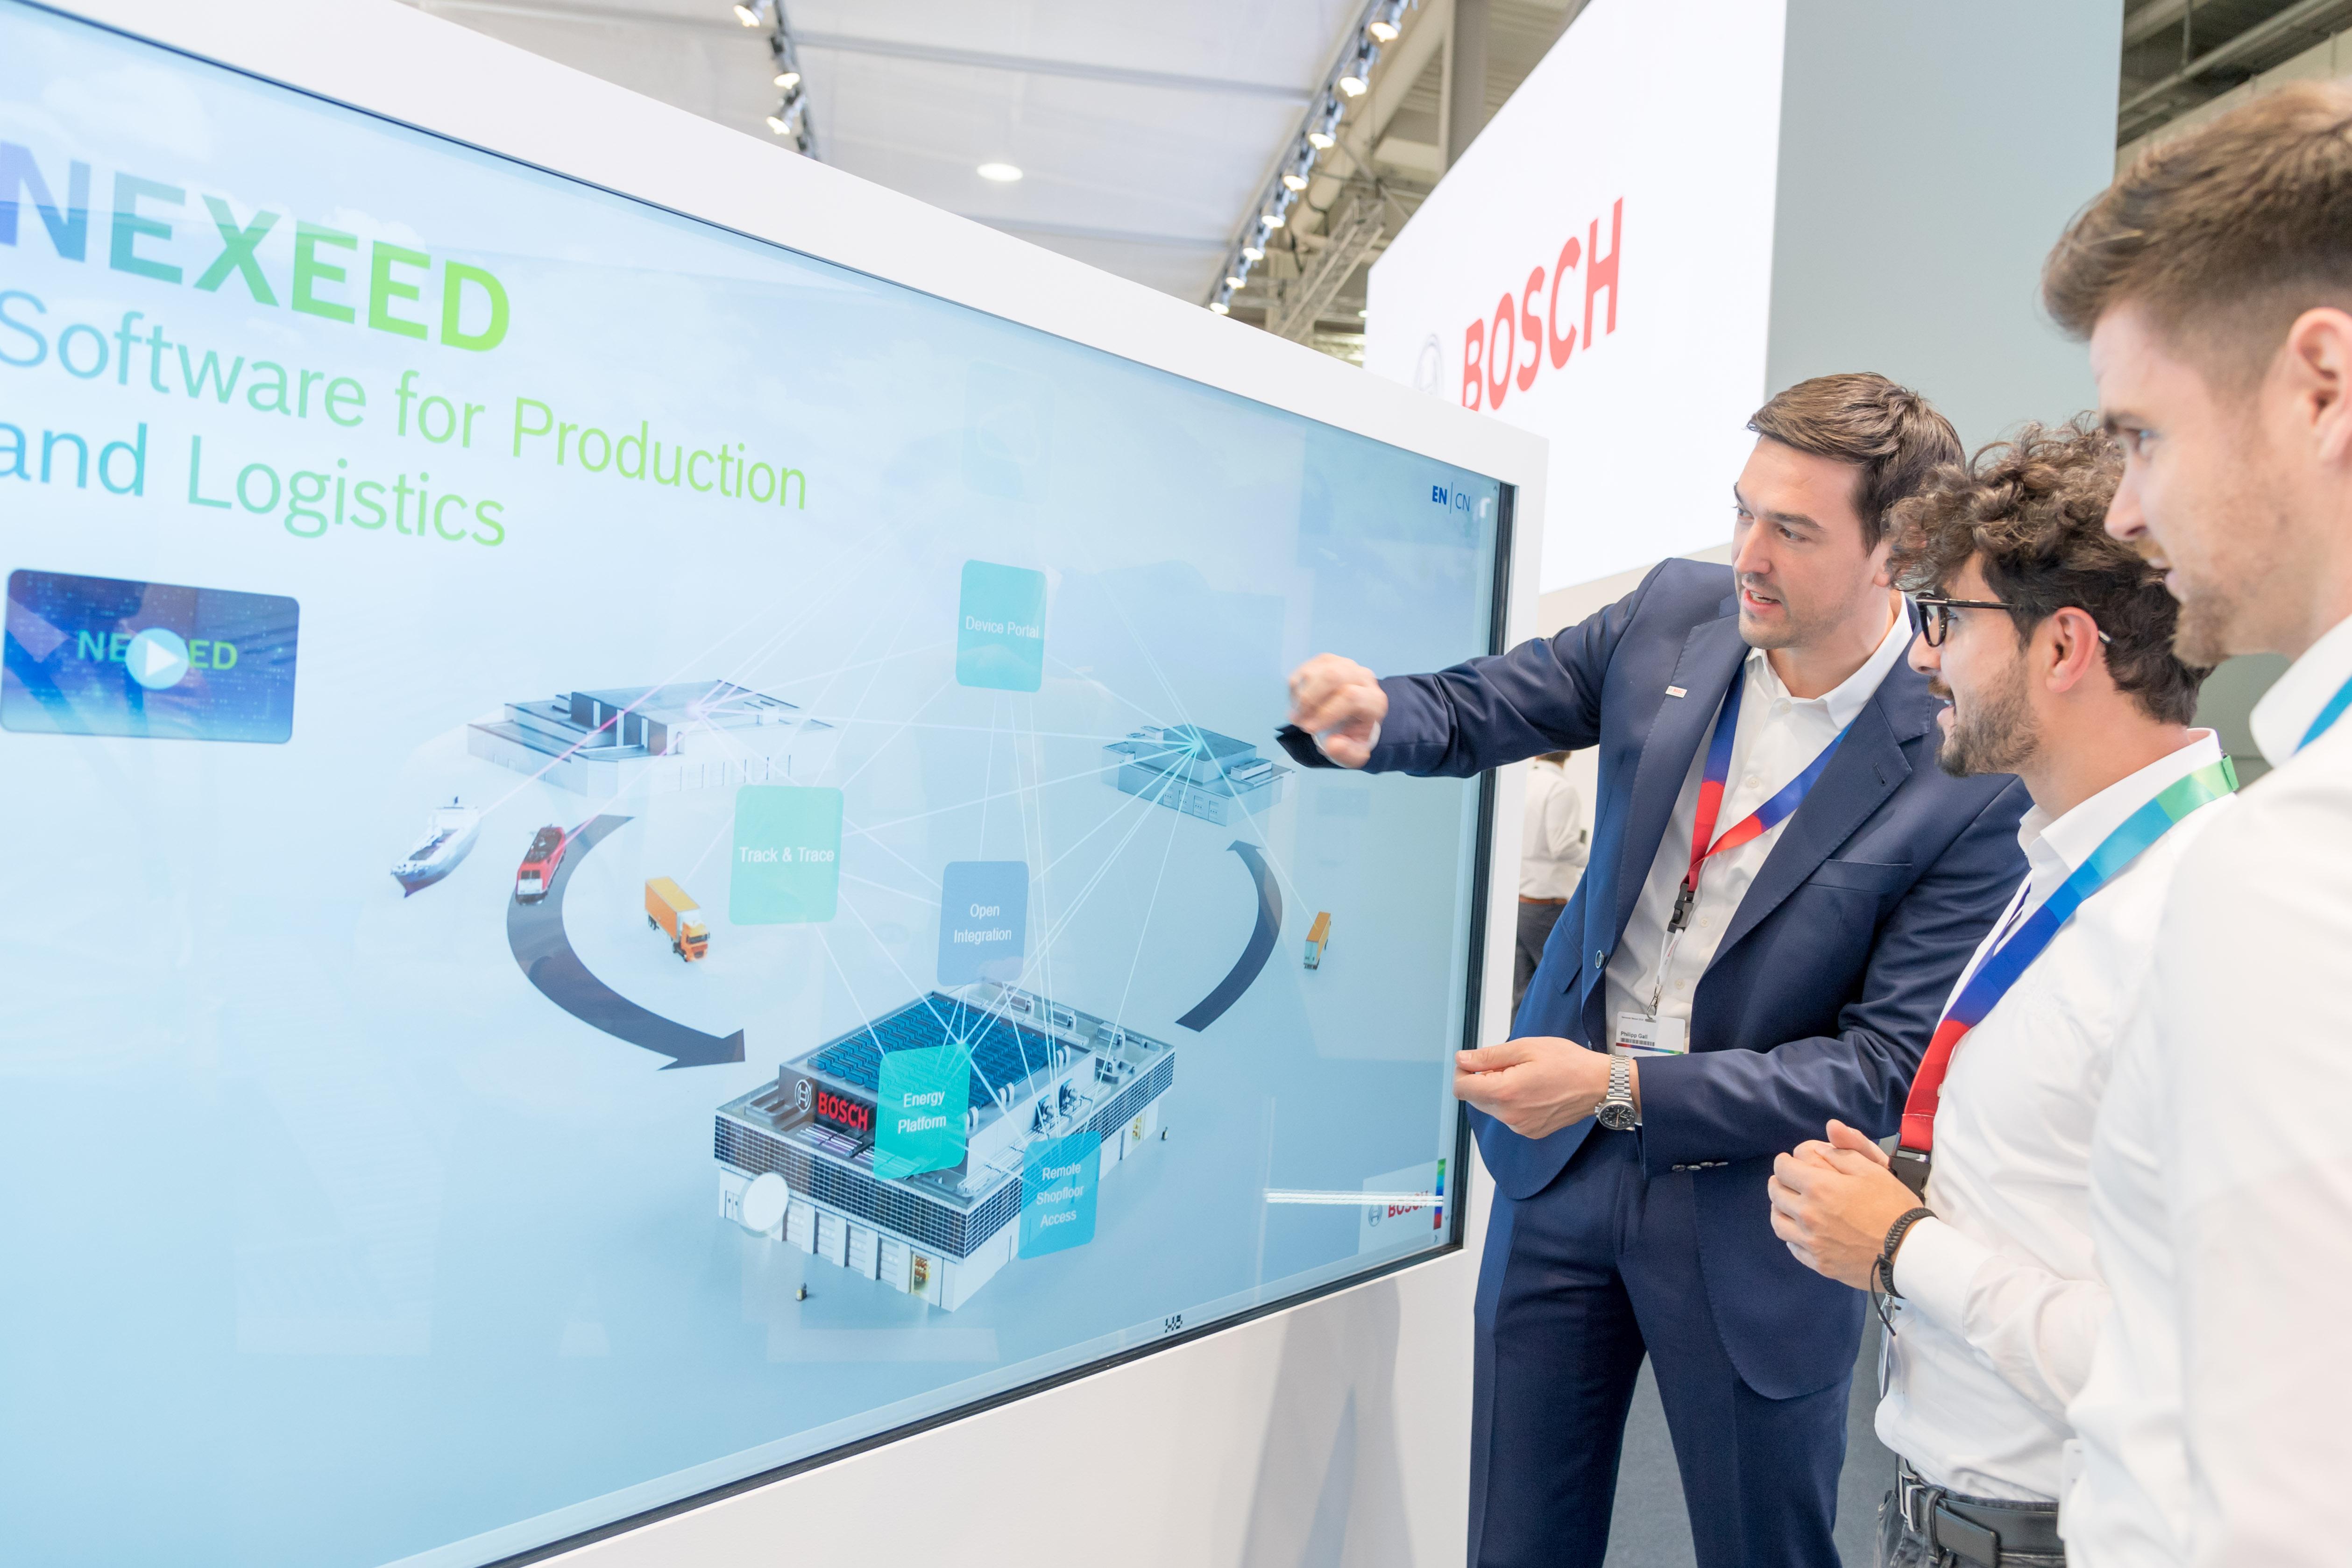 Bosch ukazuje komplexní portfolio softwaru pro výrobu a logistiku (Nexeed)